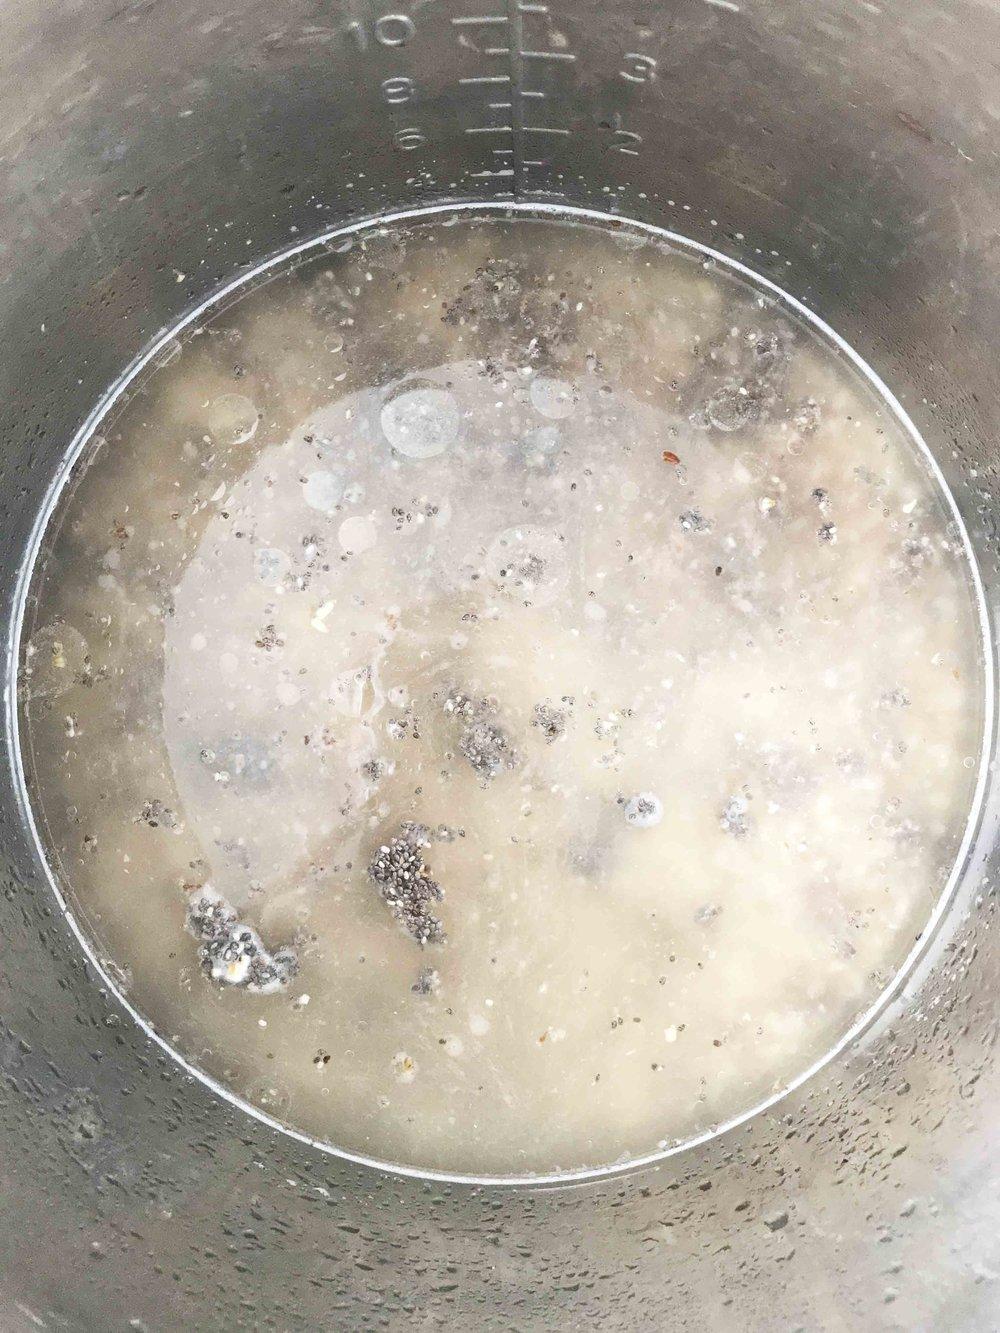 instant-pot-steel-oats.jpg